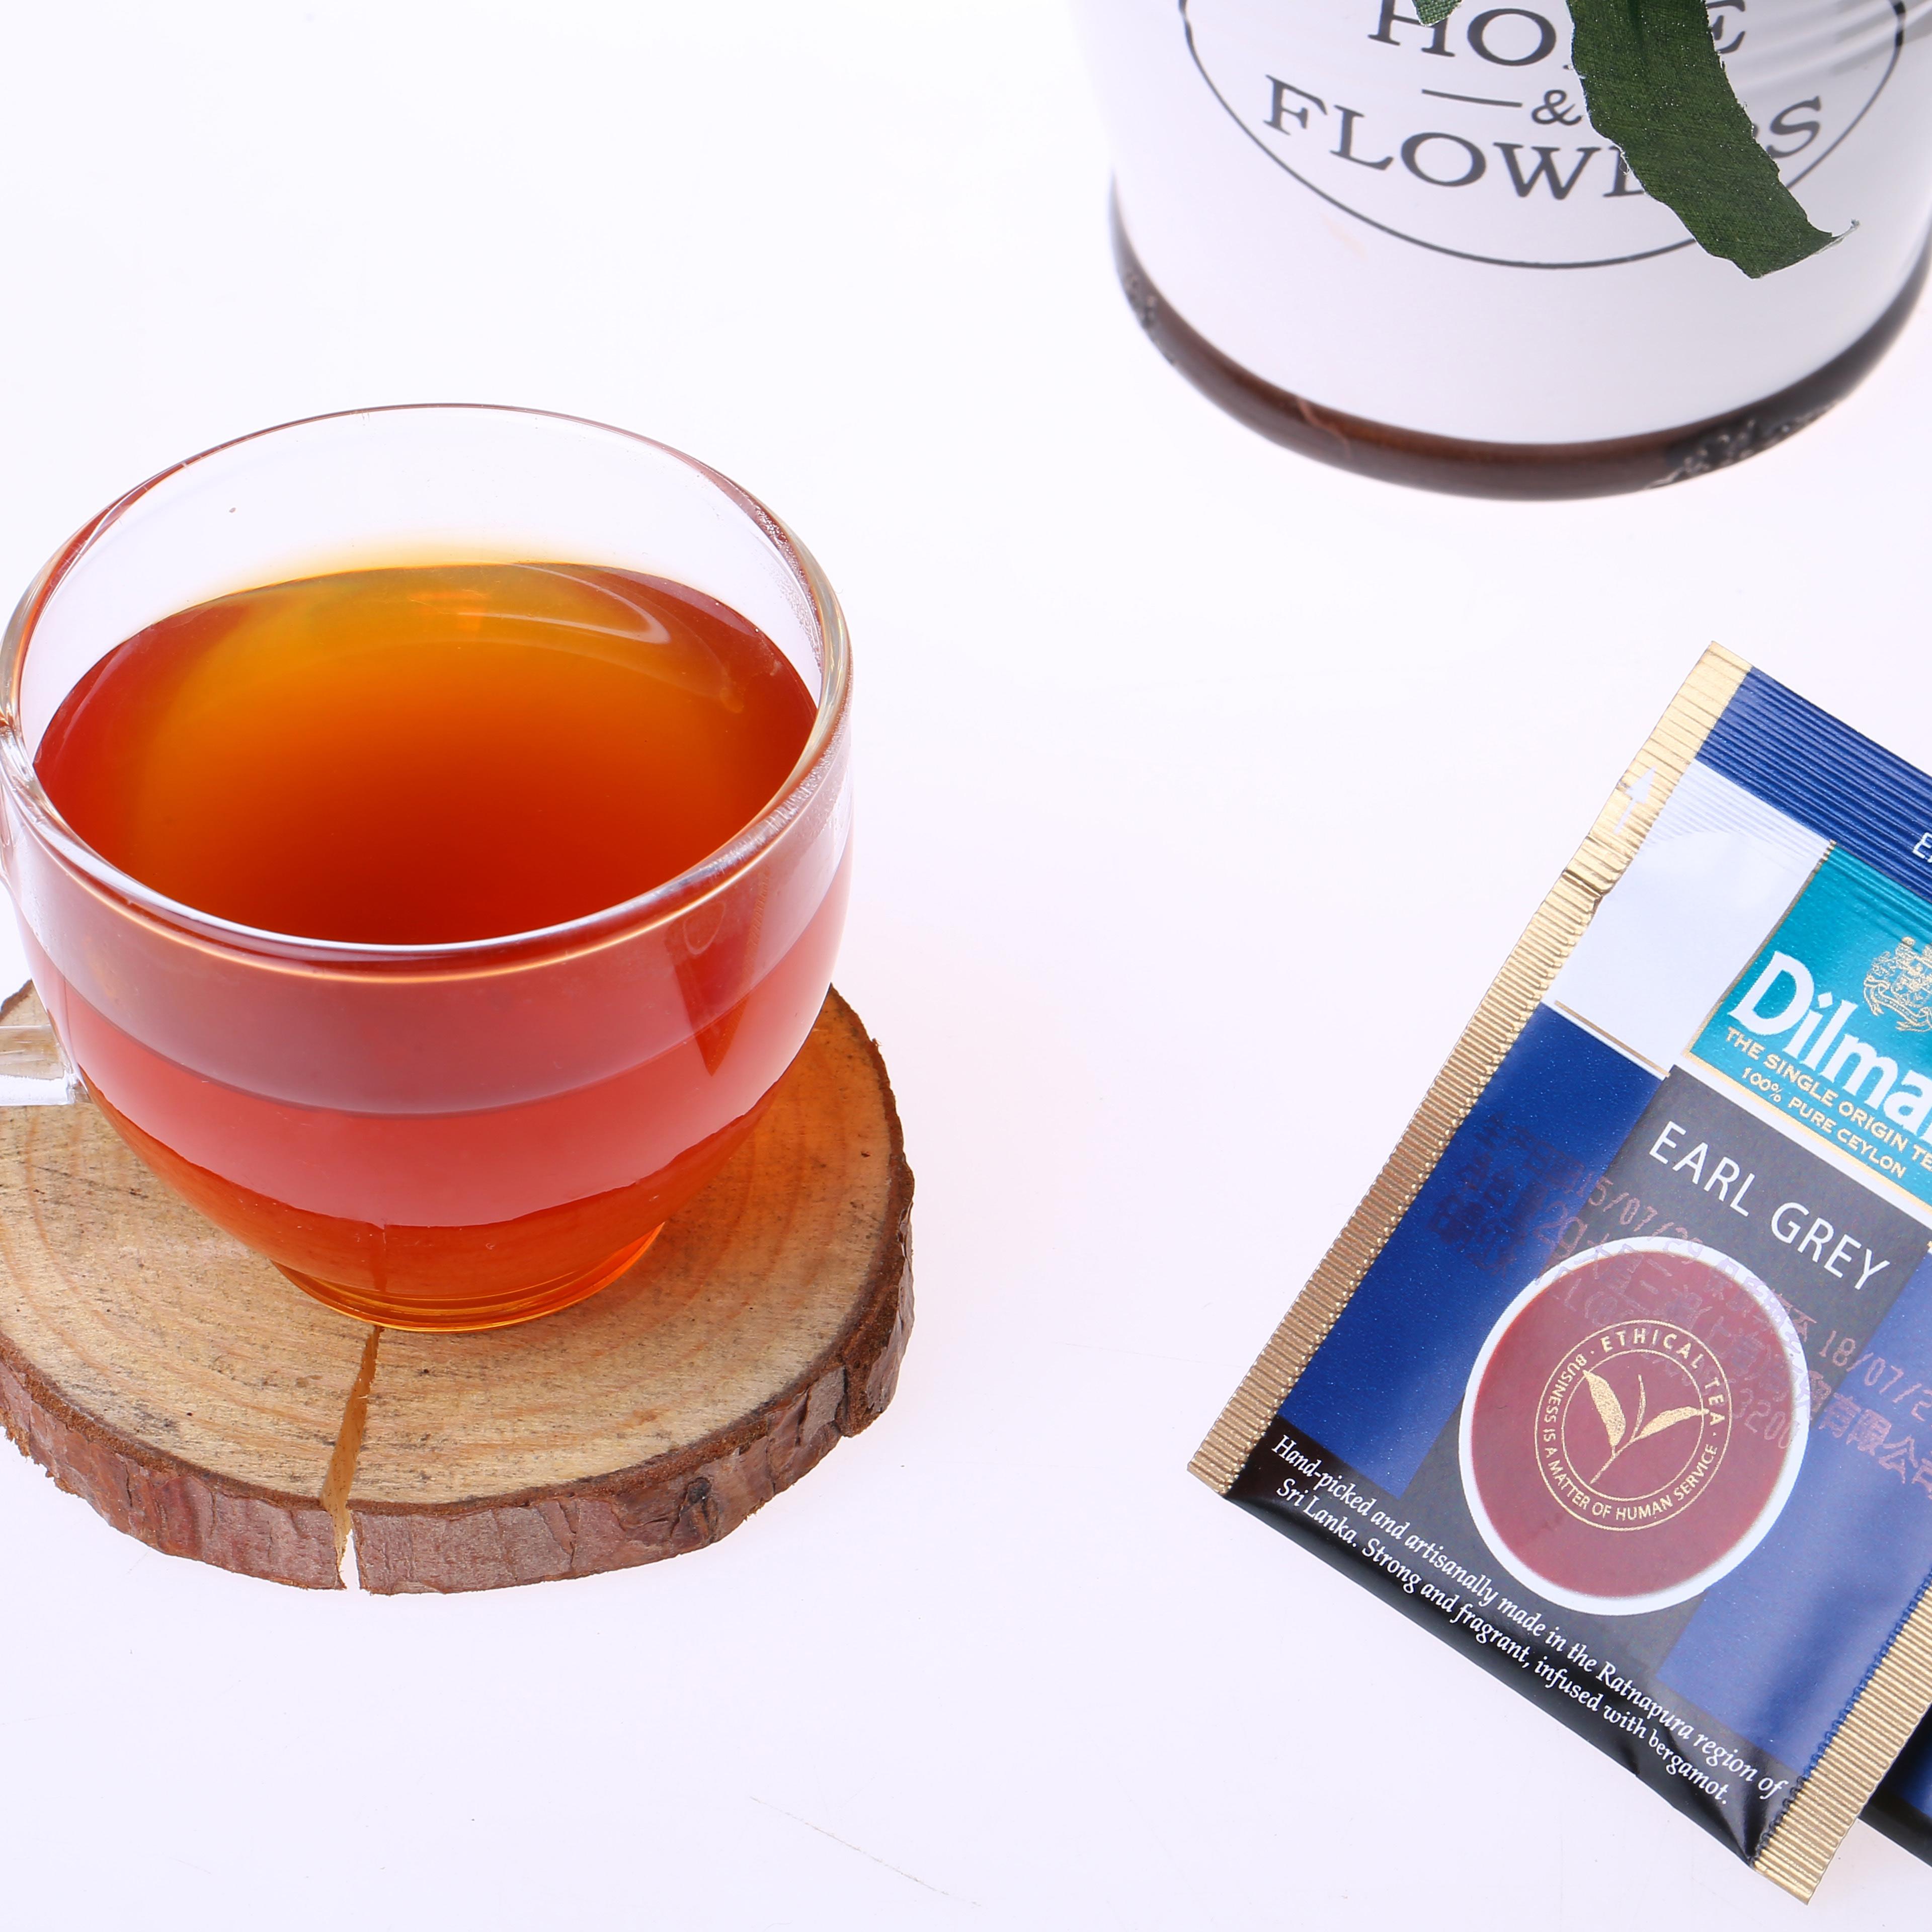 dilmah 入伯爵红茶斯里兰卡进口锡兰红茶奶茶专用 100 迪尔玛 包邮